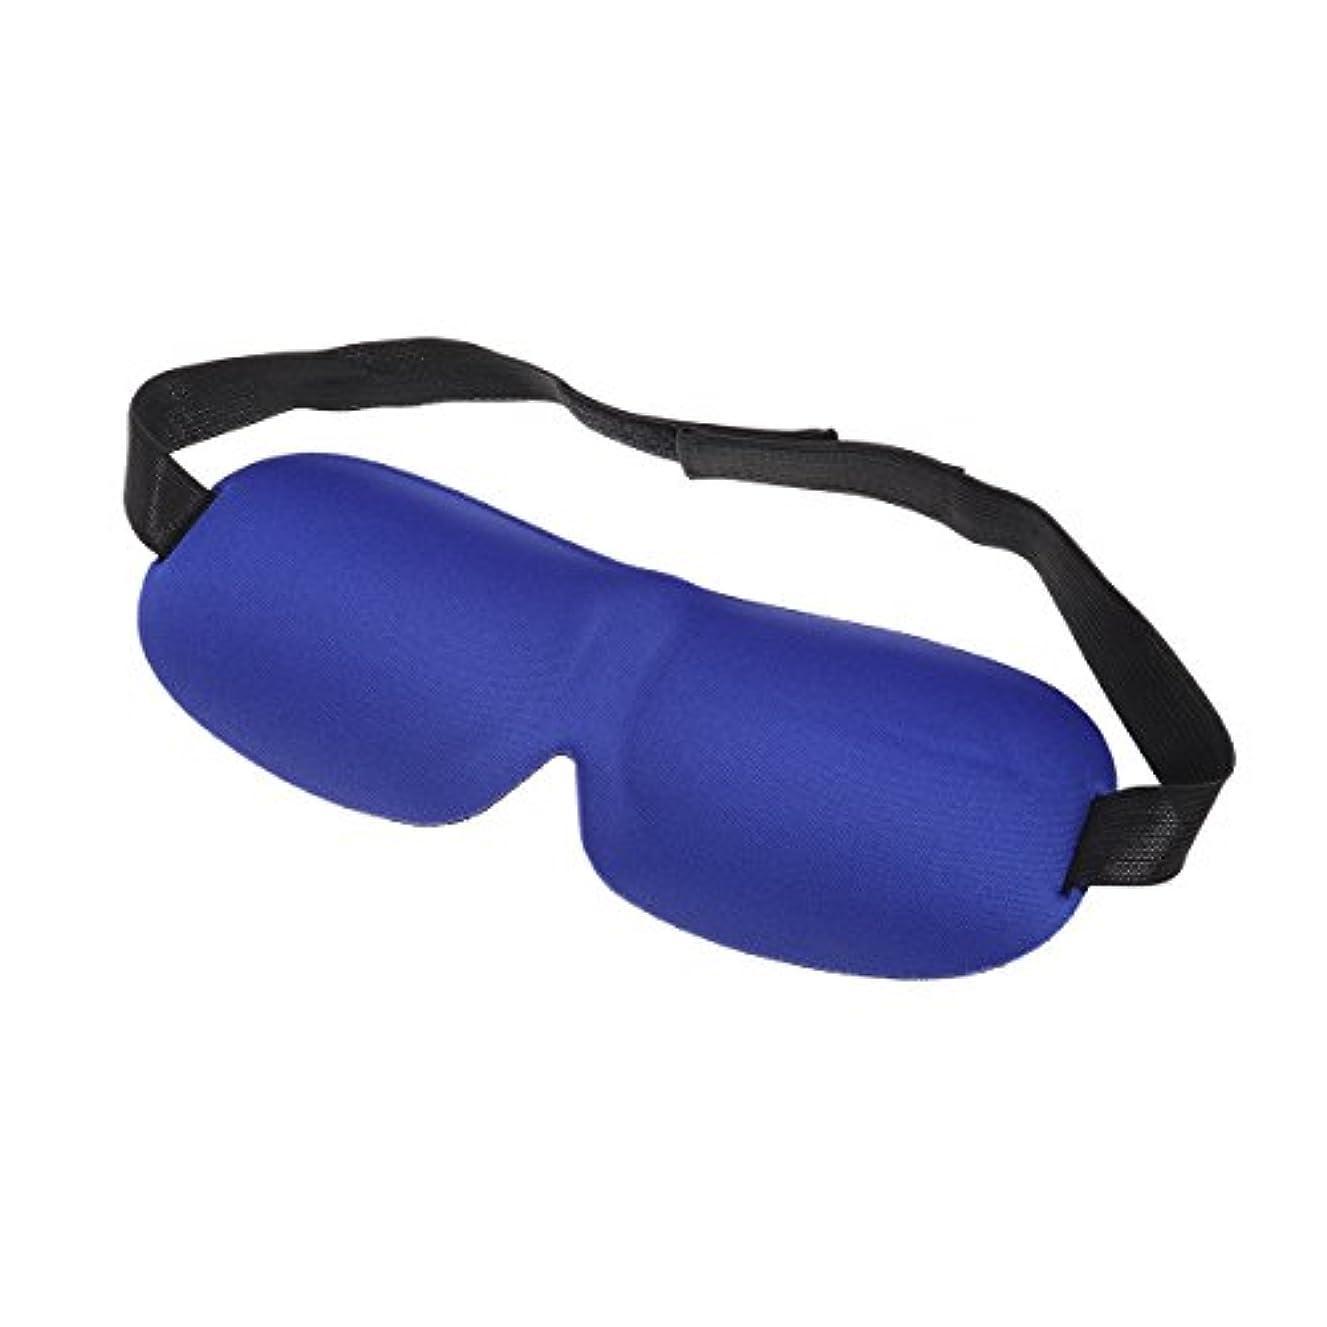 閲覧するマトンに付けるROSENICE アイマスク 遮光 睡眠 軽量 目隠し 圧迫感なし 調節可能 3D睡眠マスク(ブルー)